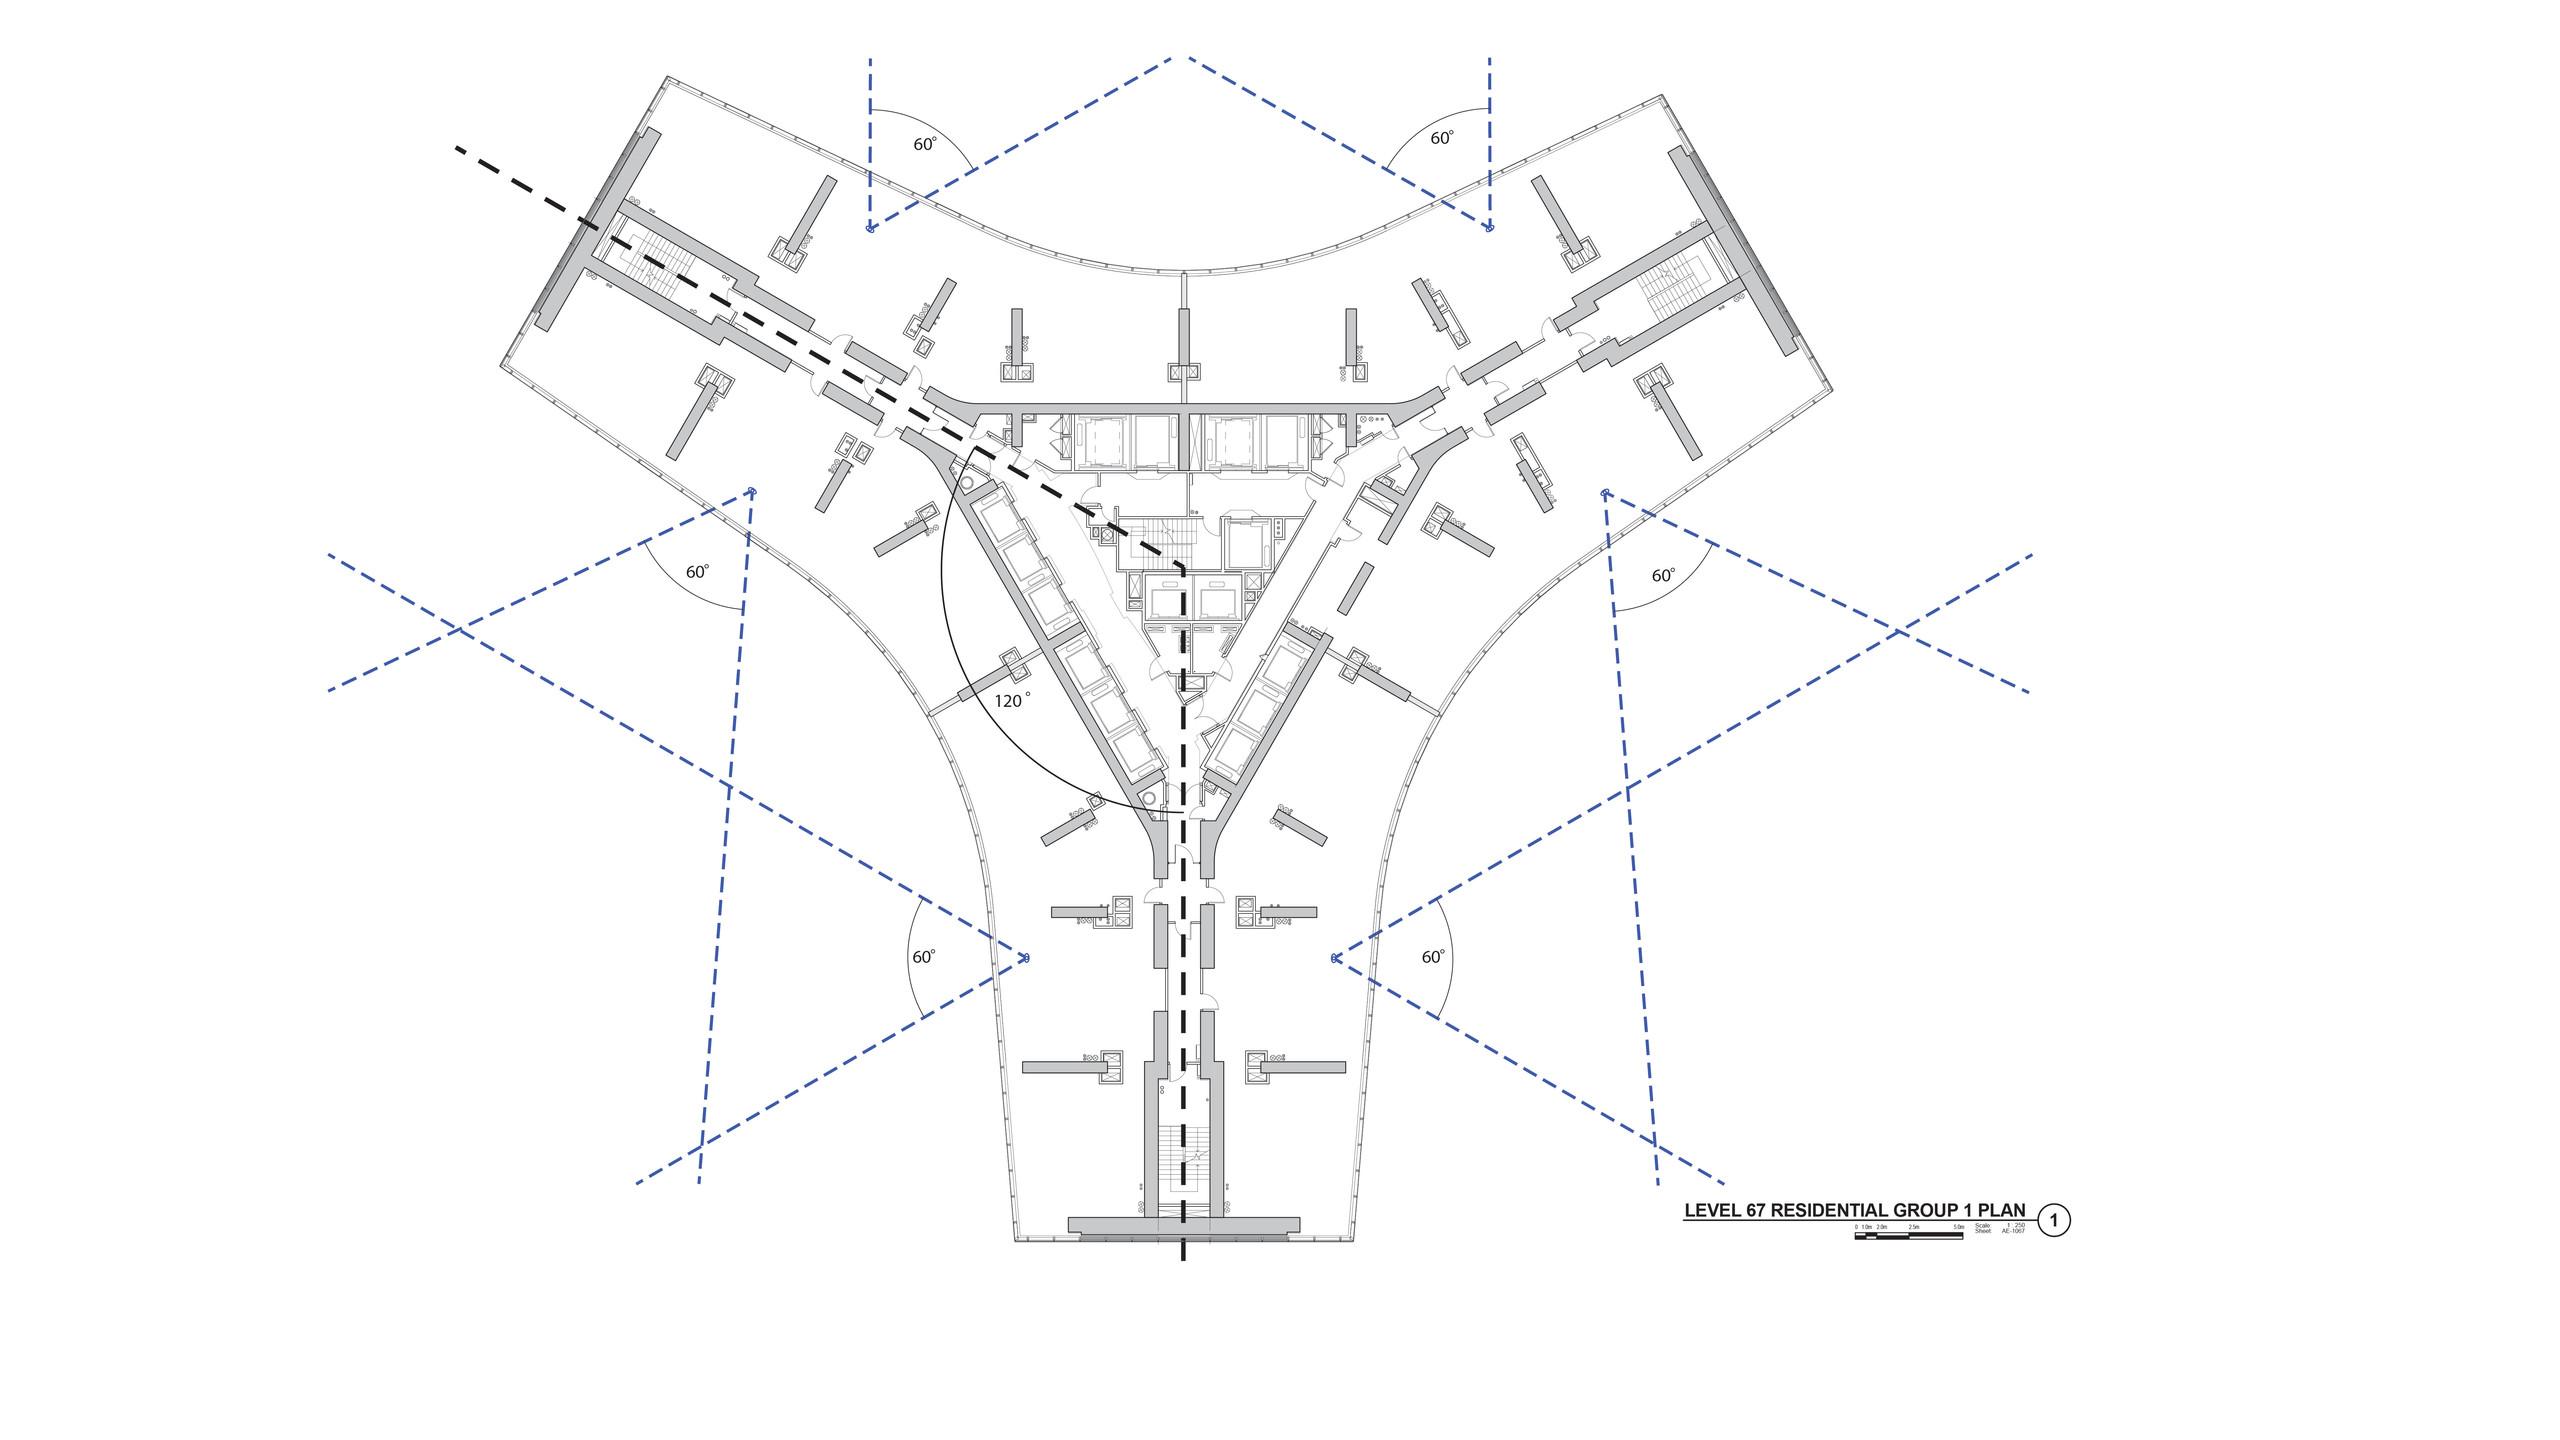 Fig-3 Y-shaped plan